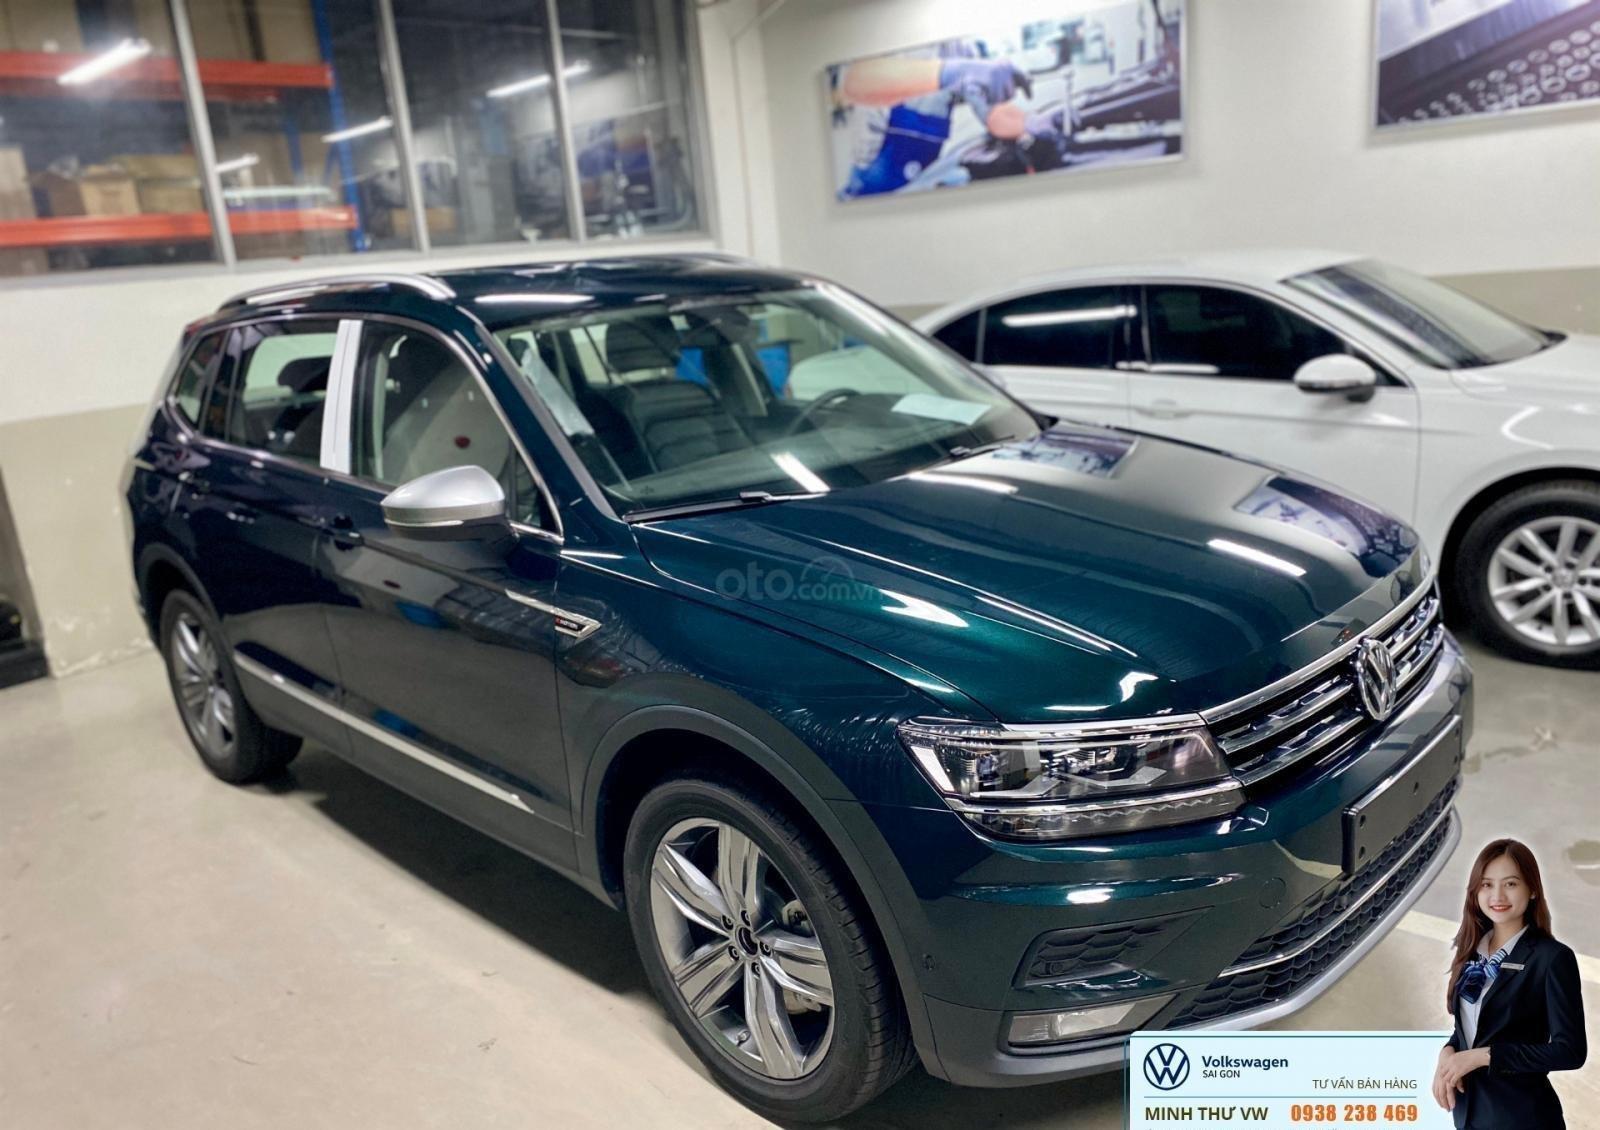 Khuyến mãi đặc biệt xe Tiguan Luxury màu xanh rêu màu độc hiếm có - Giao ngay  (6)